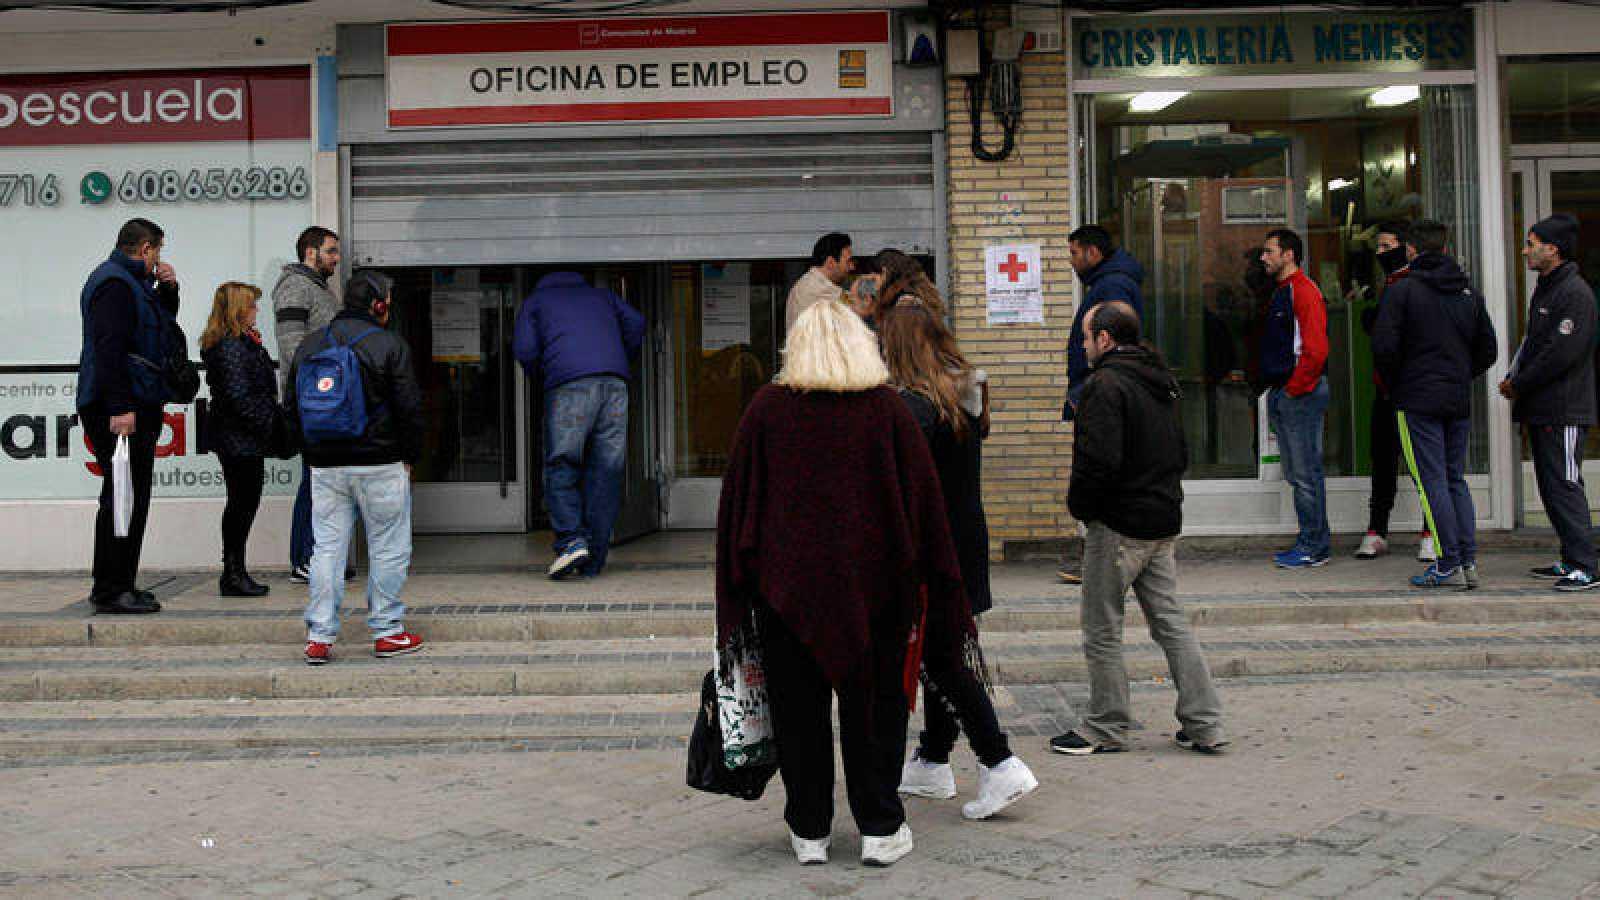 Malas cifras de paro. El número de desempleados subió en 90.248 personas en enero e inicia una línea peligrosamente ascendente